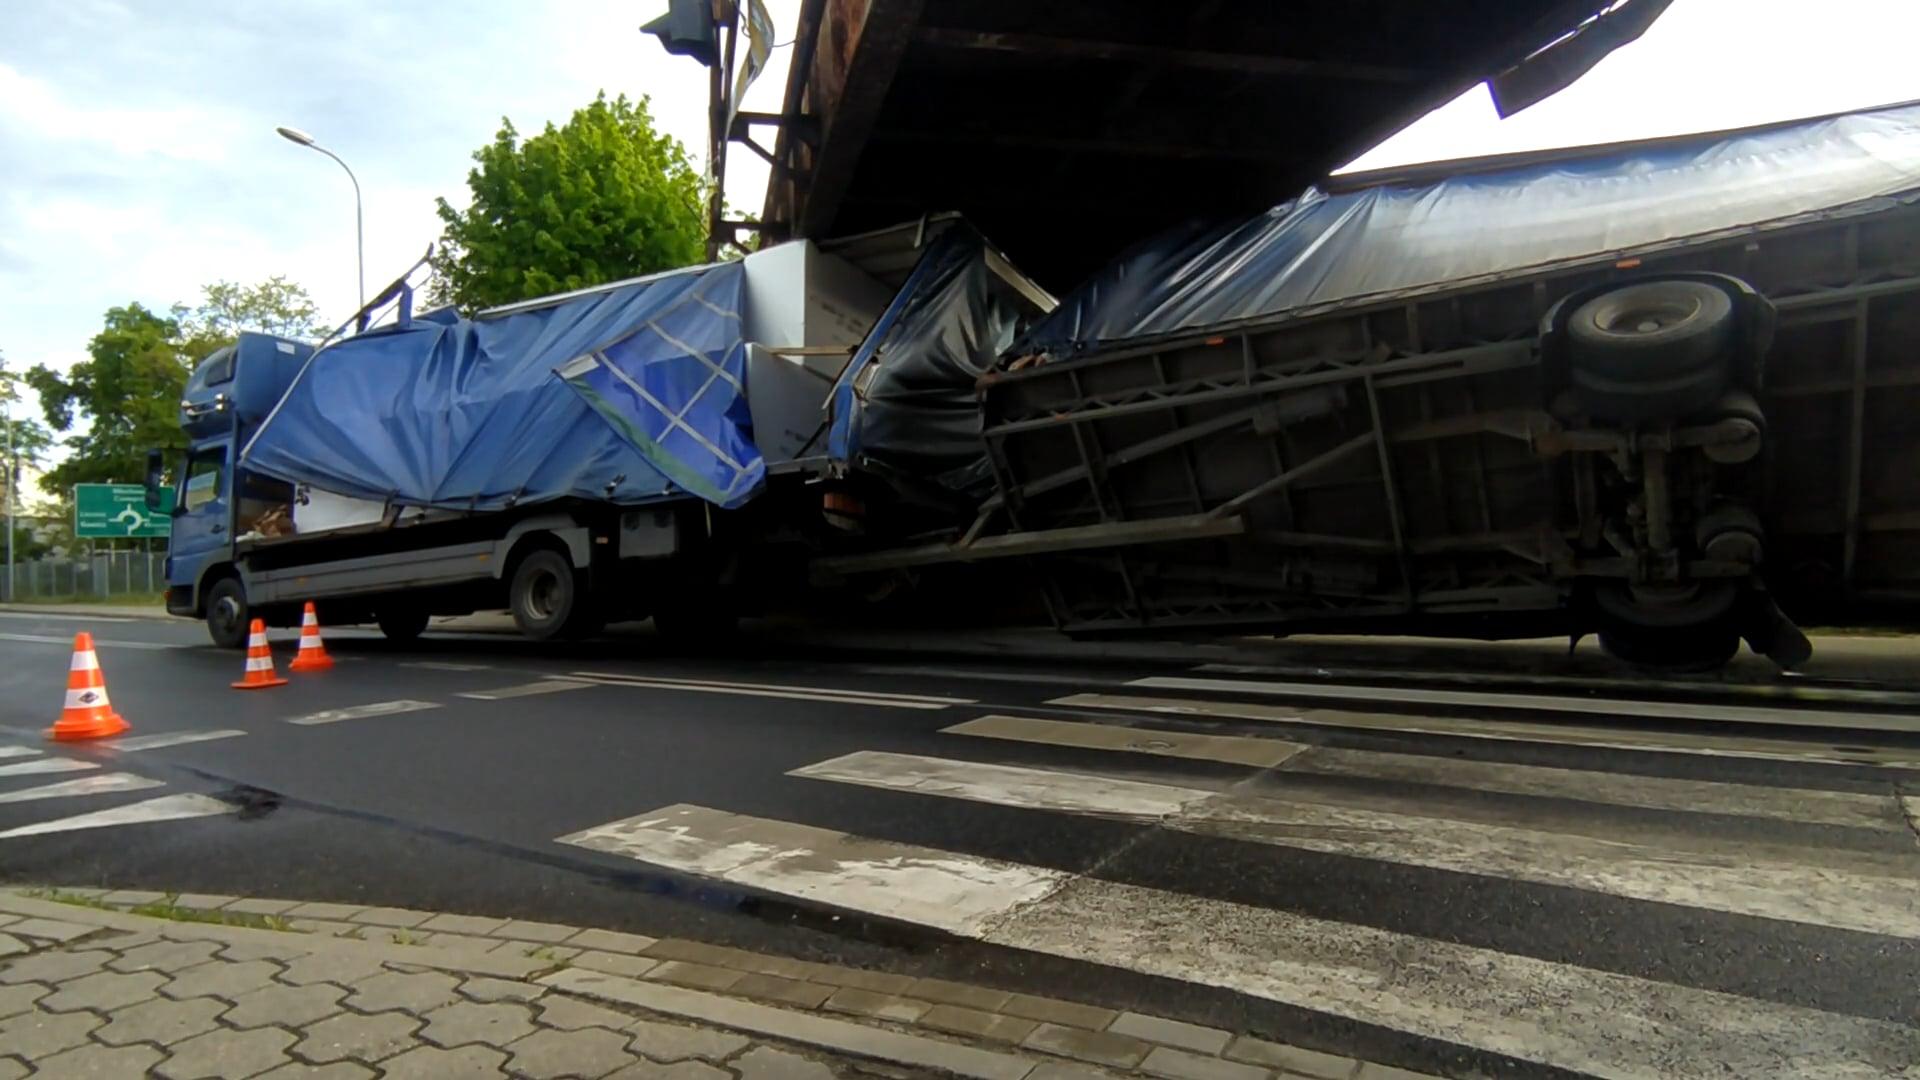 Wiadukt kontra ciężarówka 1:0. Kolejny raz